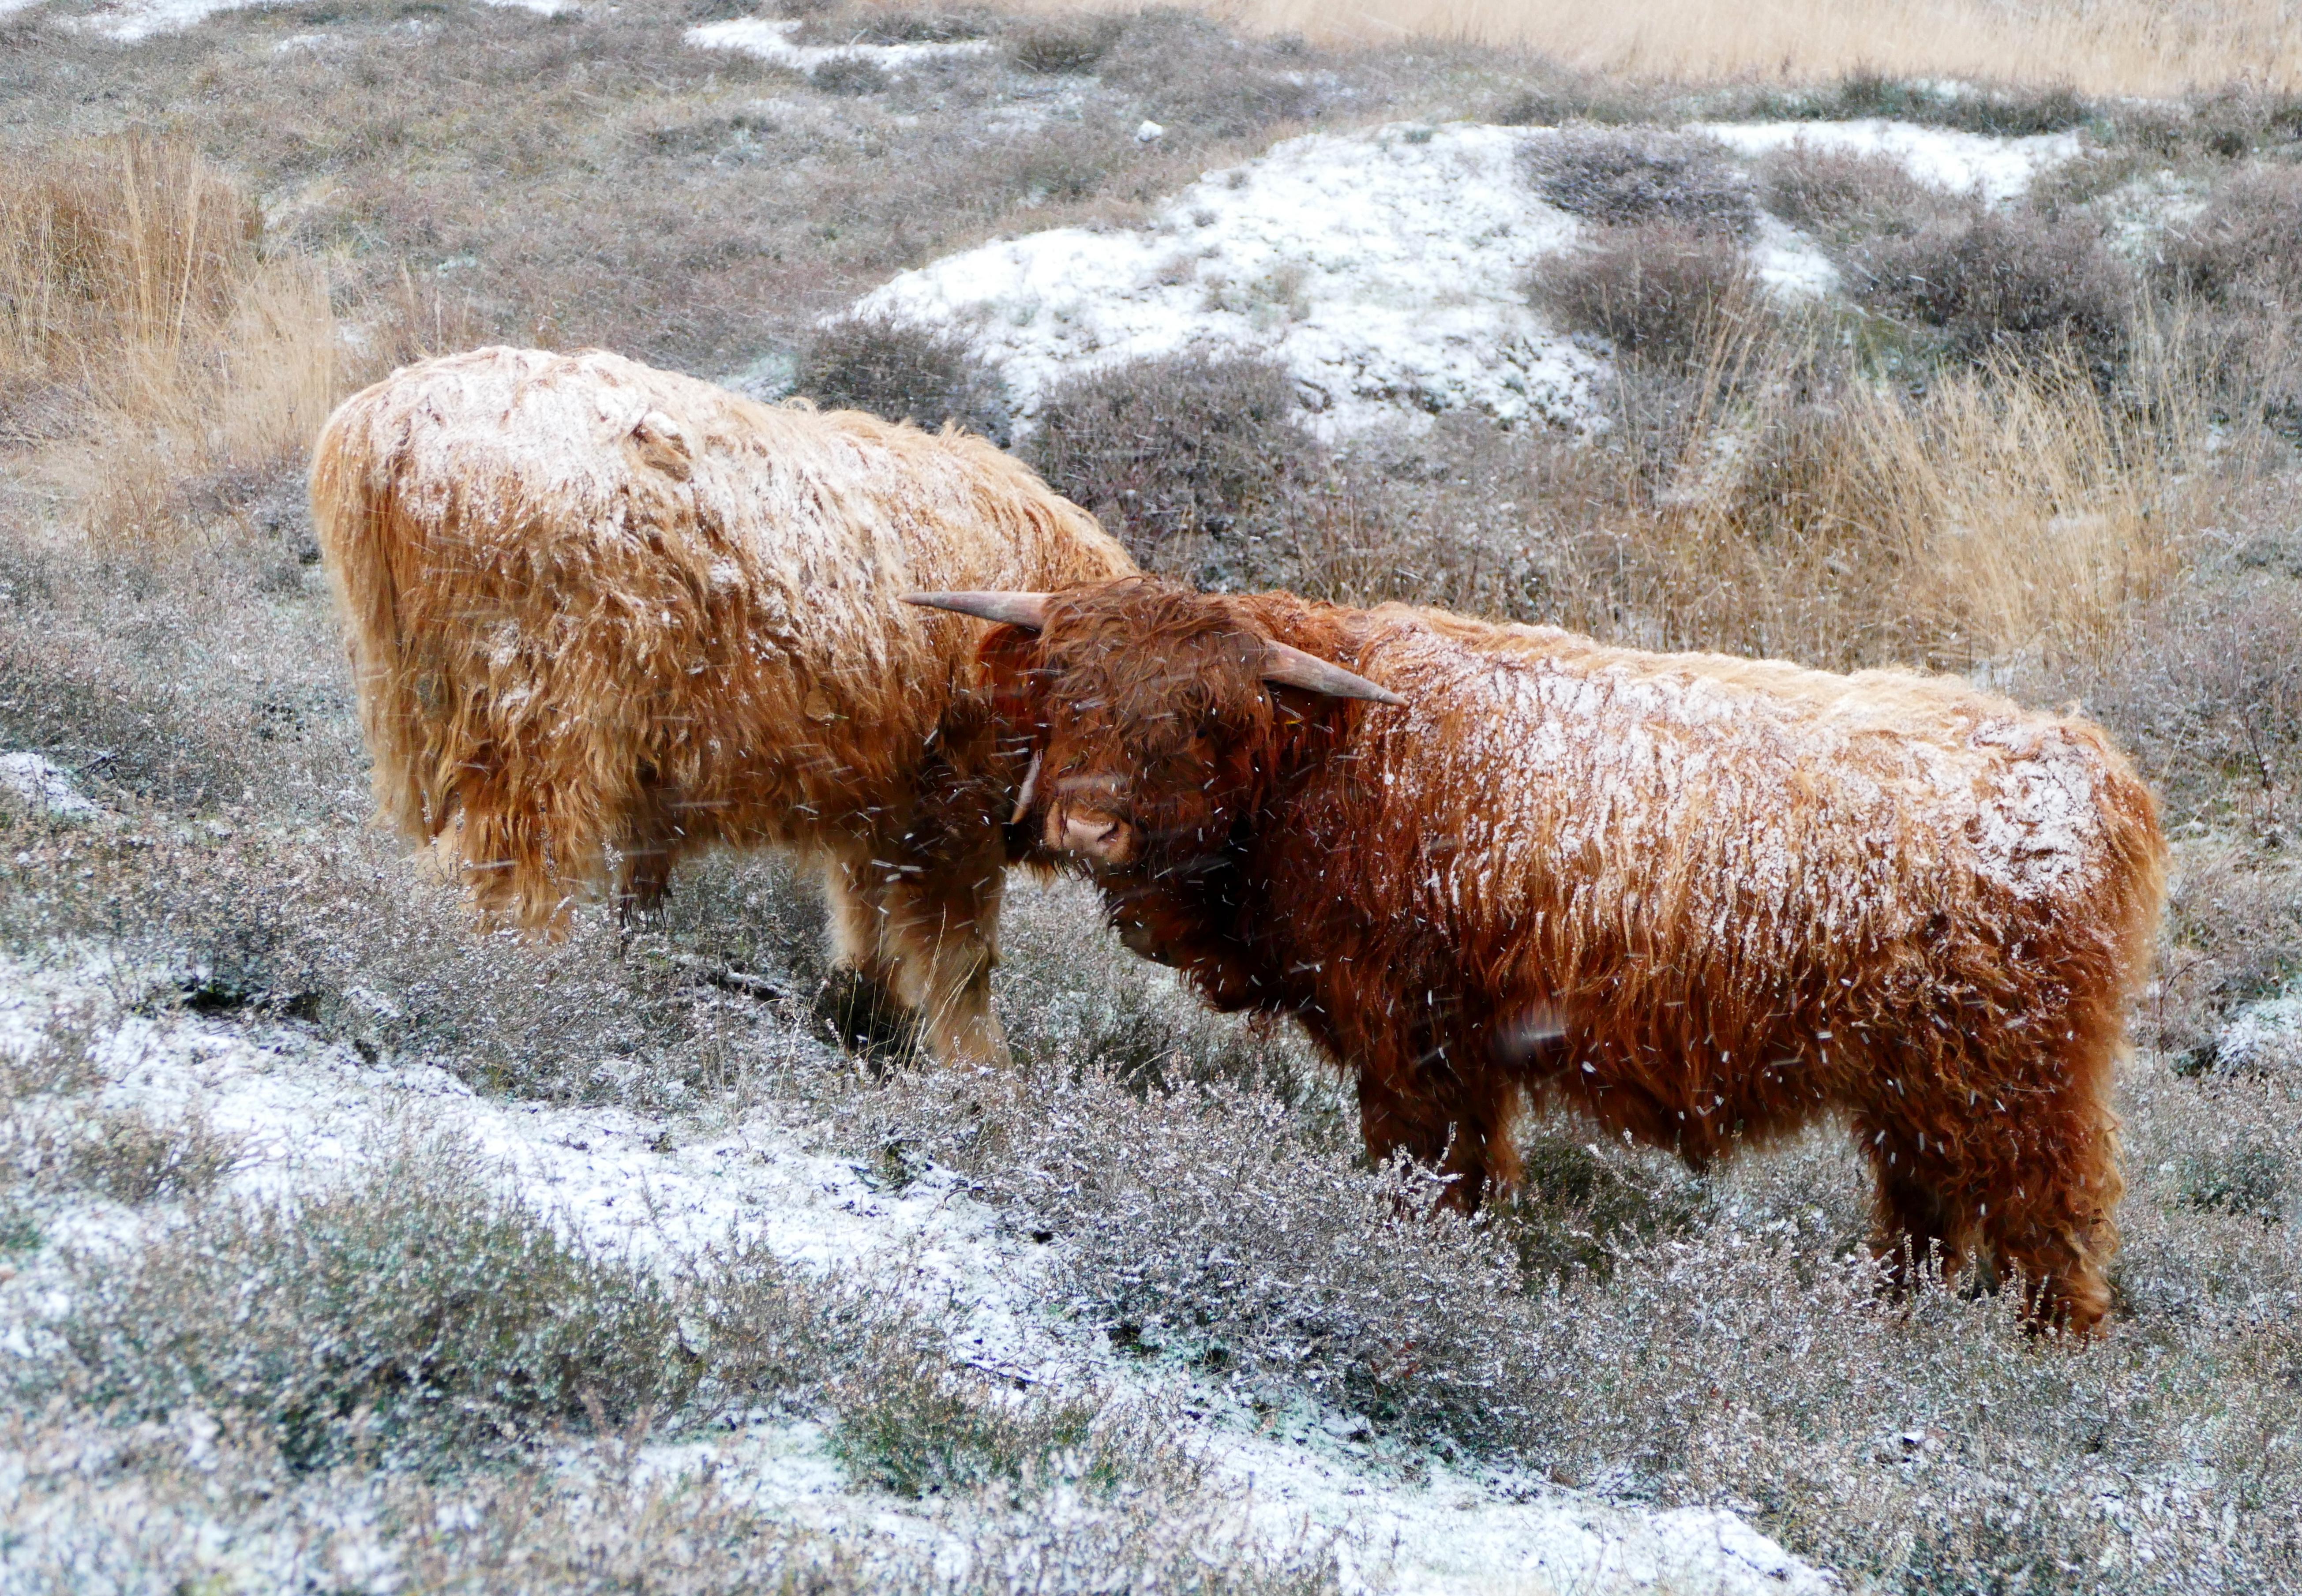 Mooie foto's van de sneeuw gemaakt? Stuur ze op naar de redactie; bekijk hier alvast enkele inzendingen